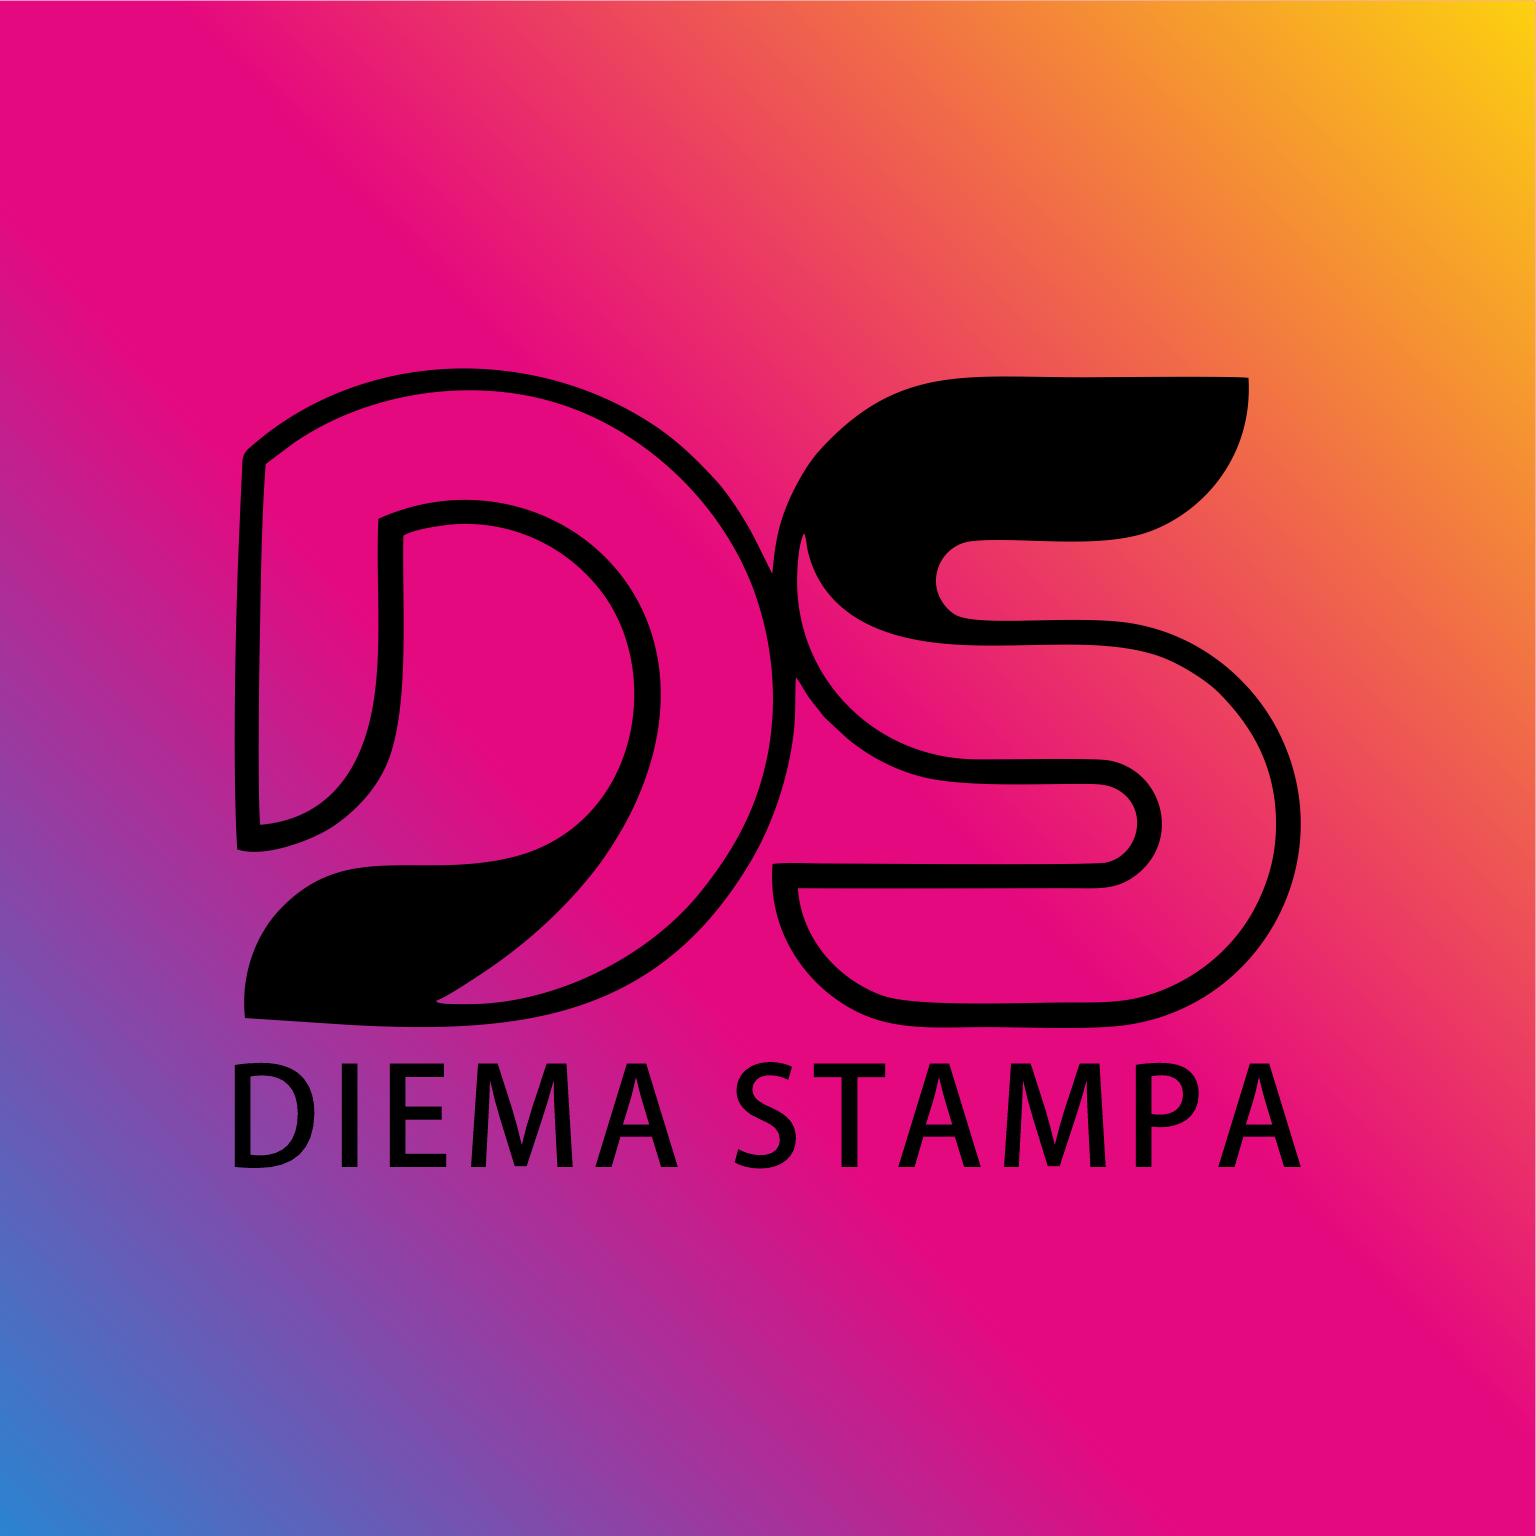 DIEMA stampa logo rebranding | MASTROiNCHIOSTRO